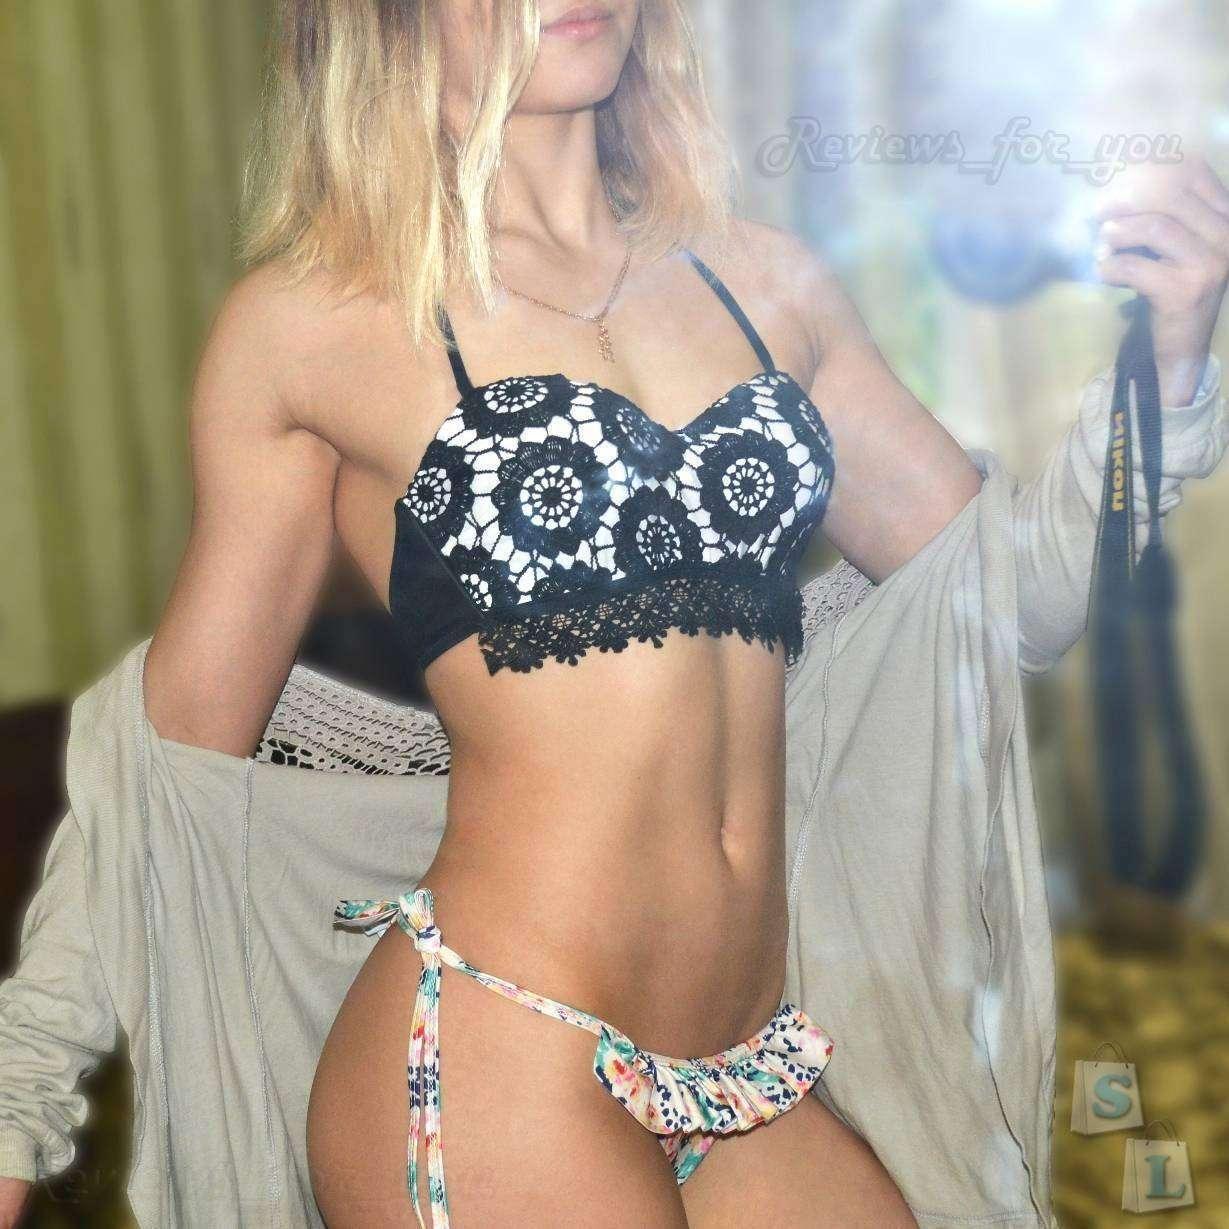 Aliexpress: Кружевной купальник бикини. Милейшие плавочки с рюшами!